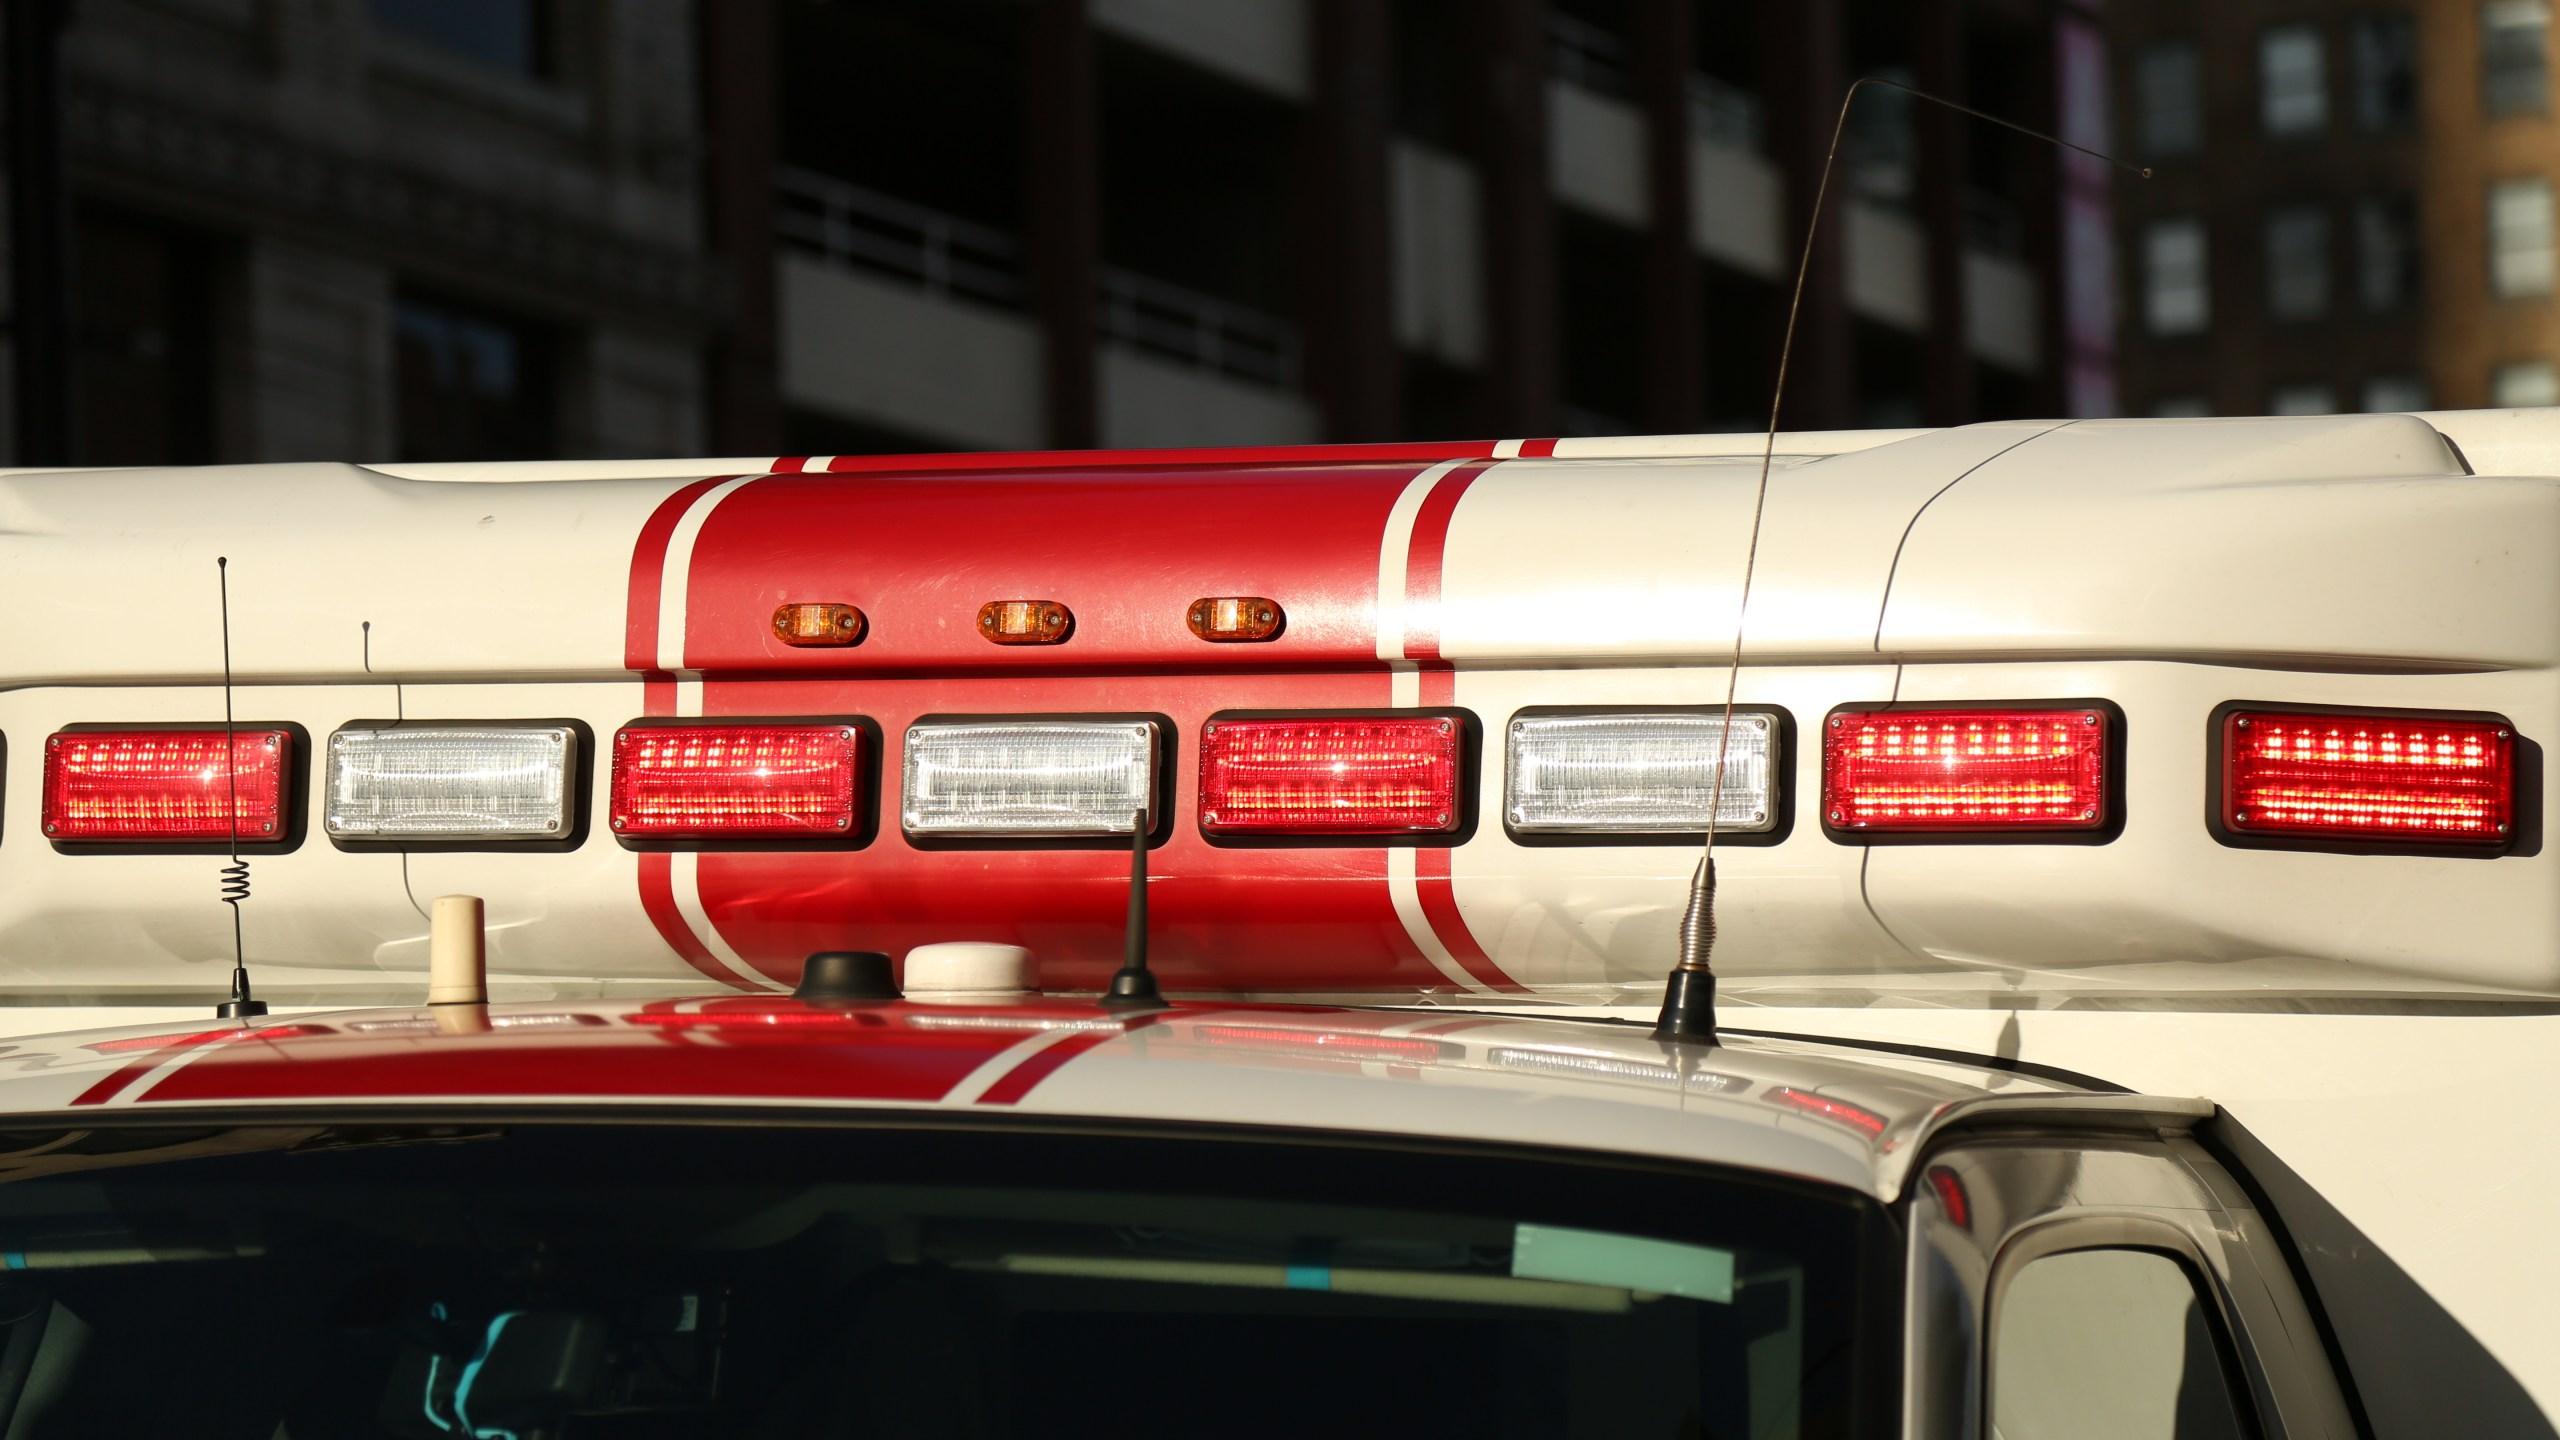 ambulance_291881